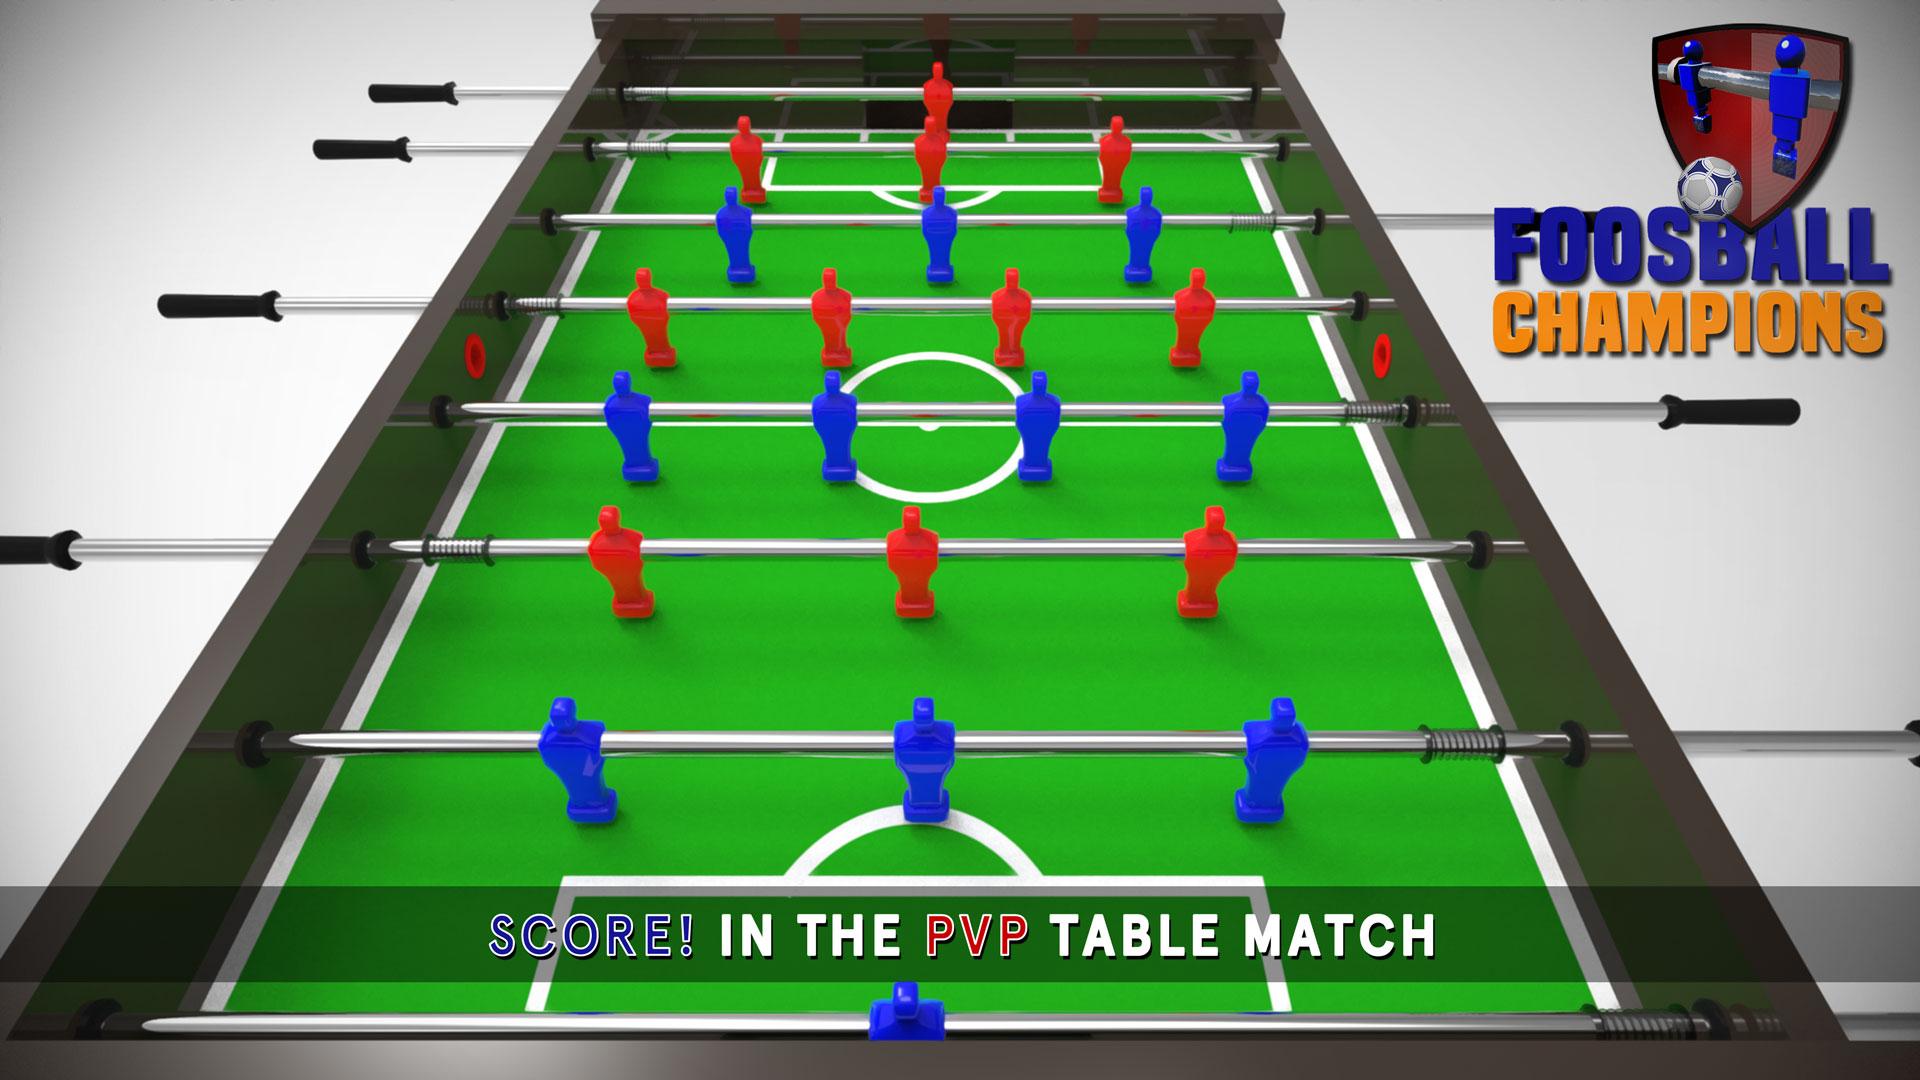 Campeones de la Liga de Foosball - Juego de mesa multijugador ...